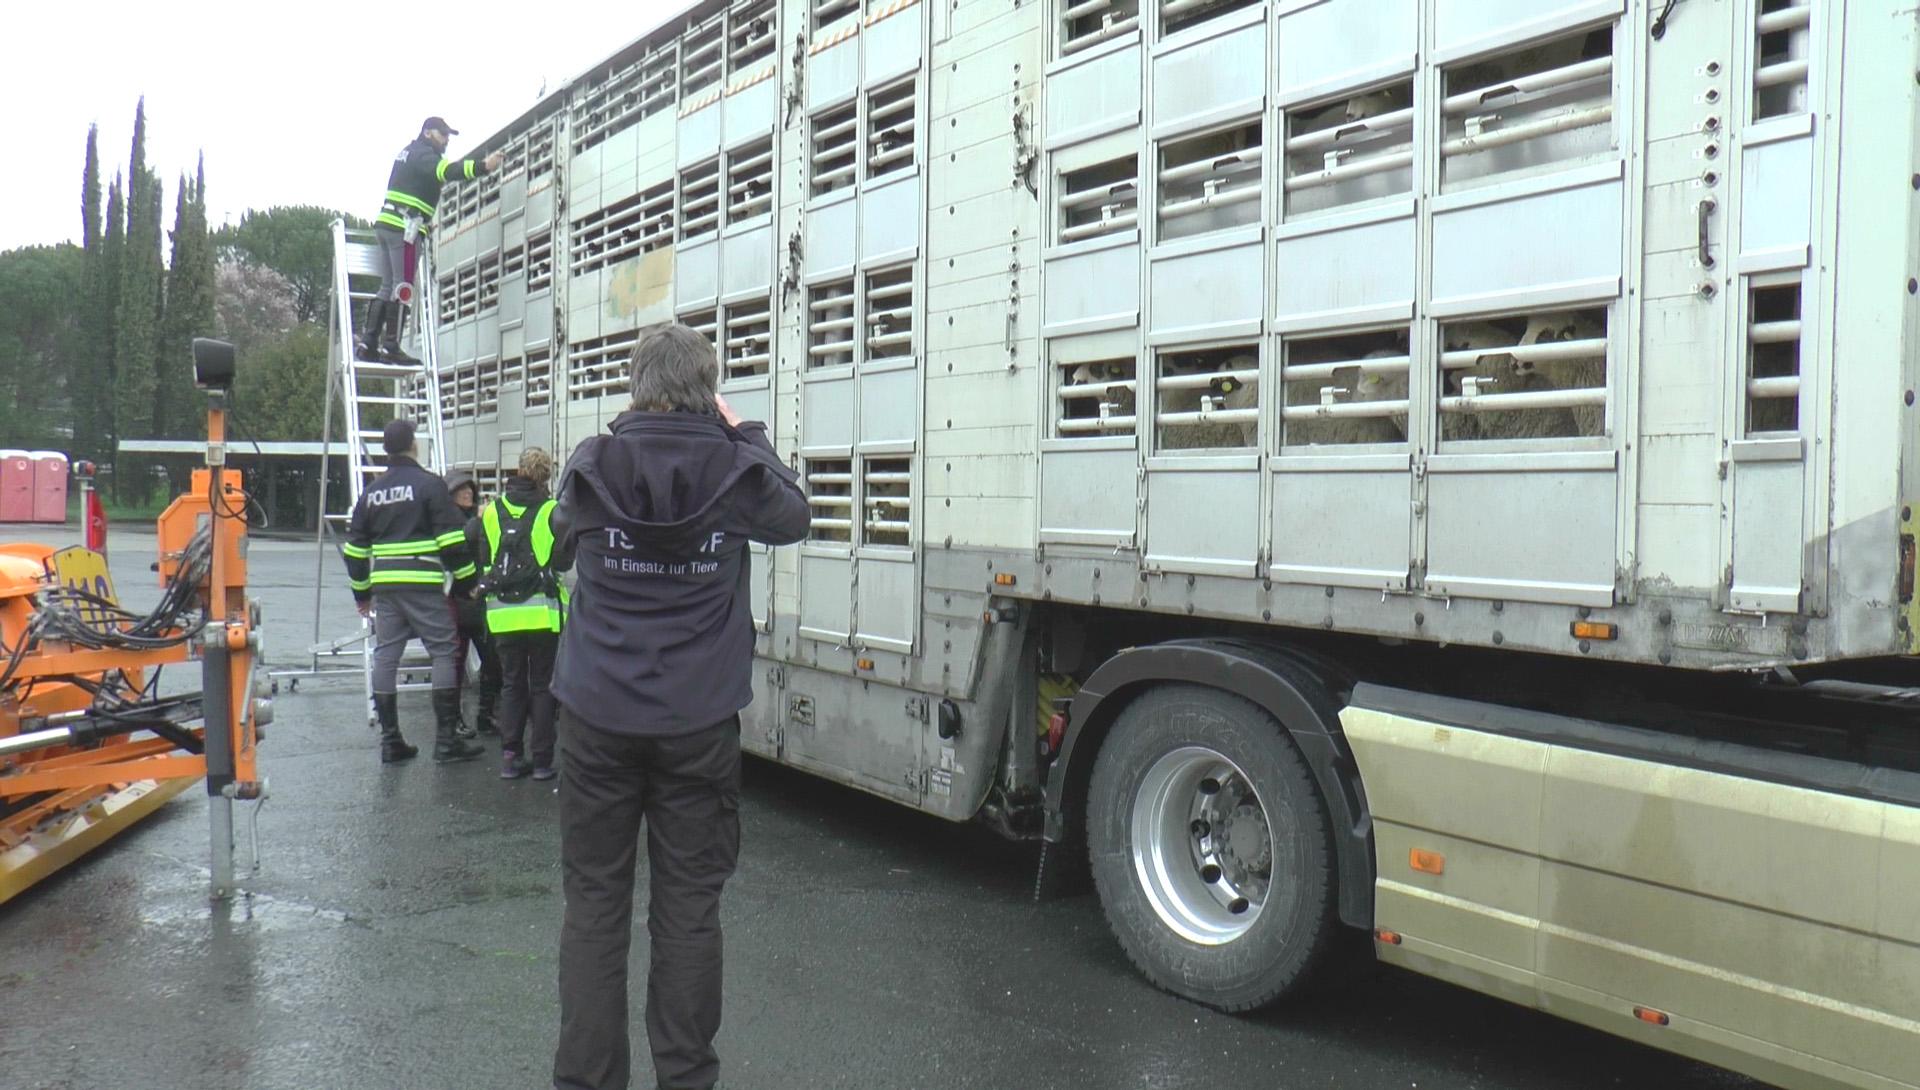 Firmy transportowe często nie ponoszą żadnych realnych konsekwencji za łamanie prawa (fot. Animal Welfare Foundation)